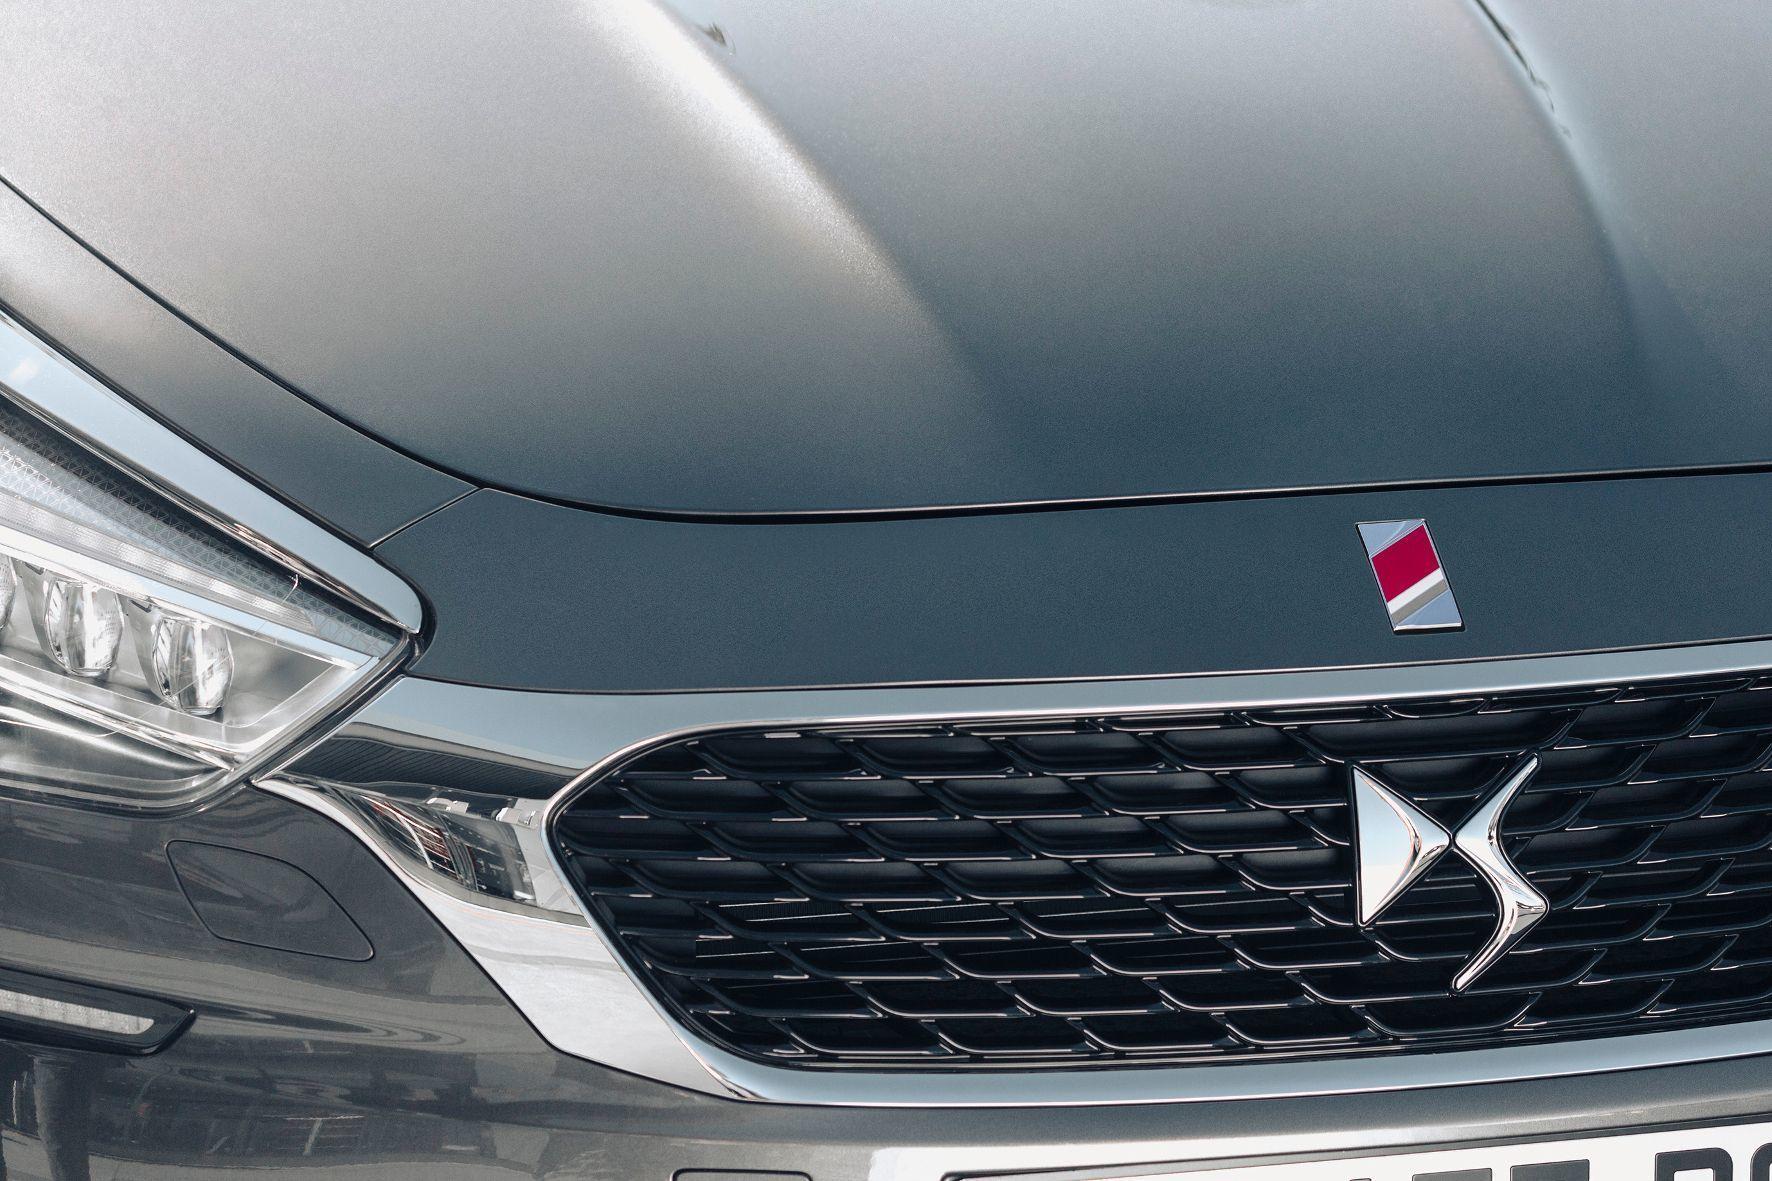 mid Groß-Gerau - Rot-weiß-goldene Diagonalstreifen kennzeichnen das Emblem der sportlich gestalteten DS Performance Line, in der die Franzosen alle drei Modelle anbieten.